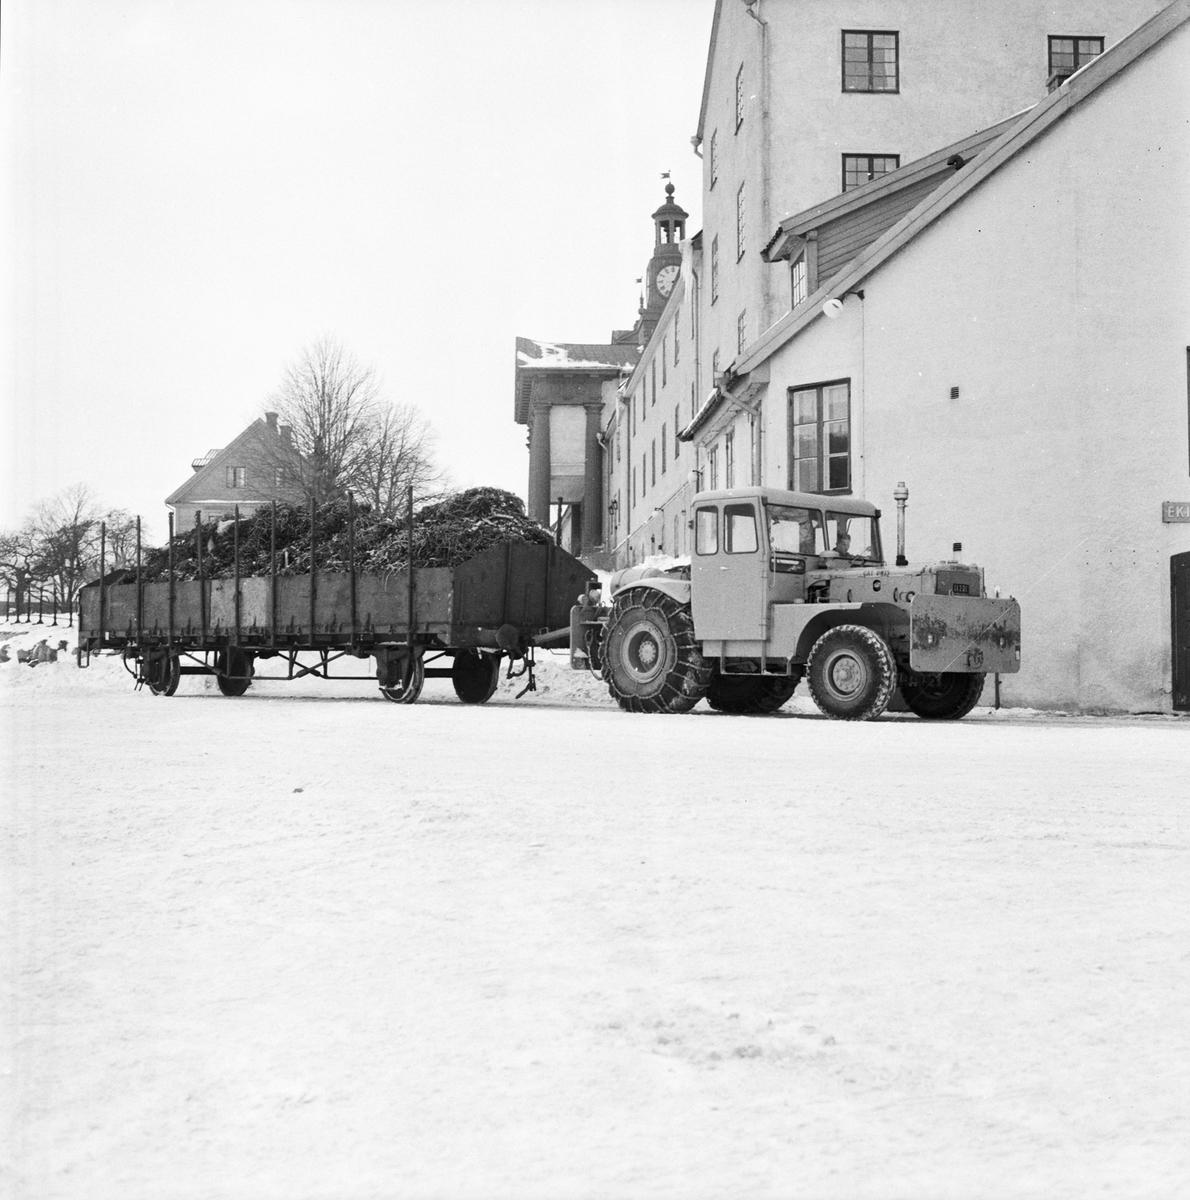 Övrigt: Foto datum: 3/3 1956 Byggnader och kranar Järnvägstransport